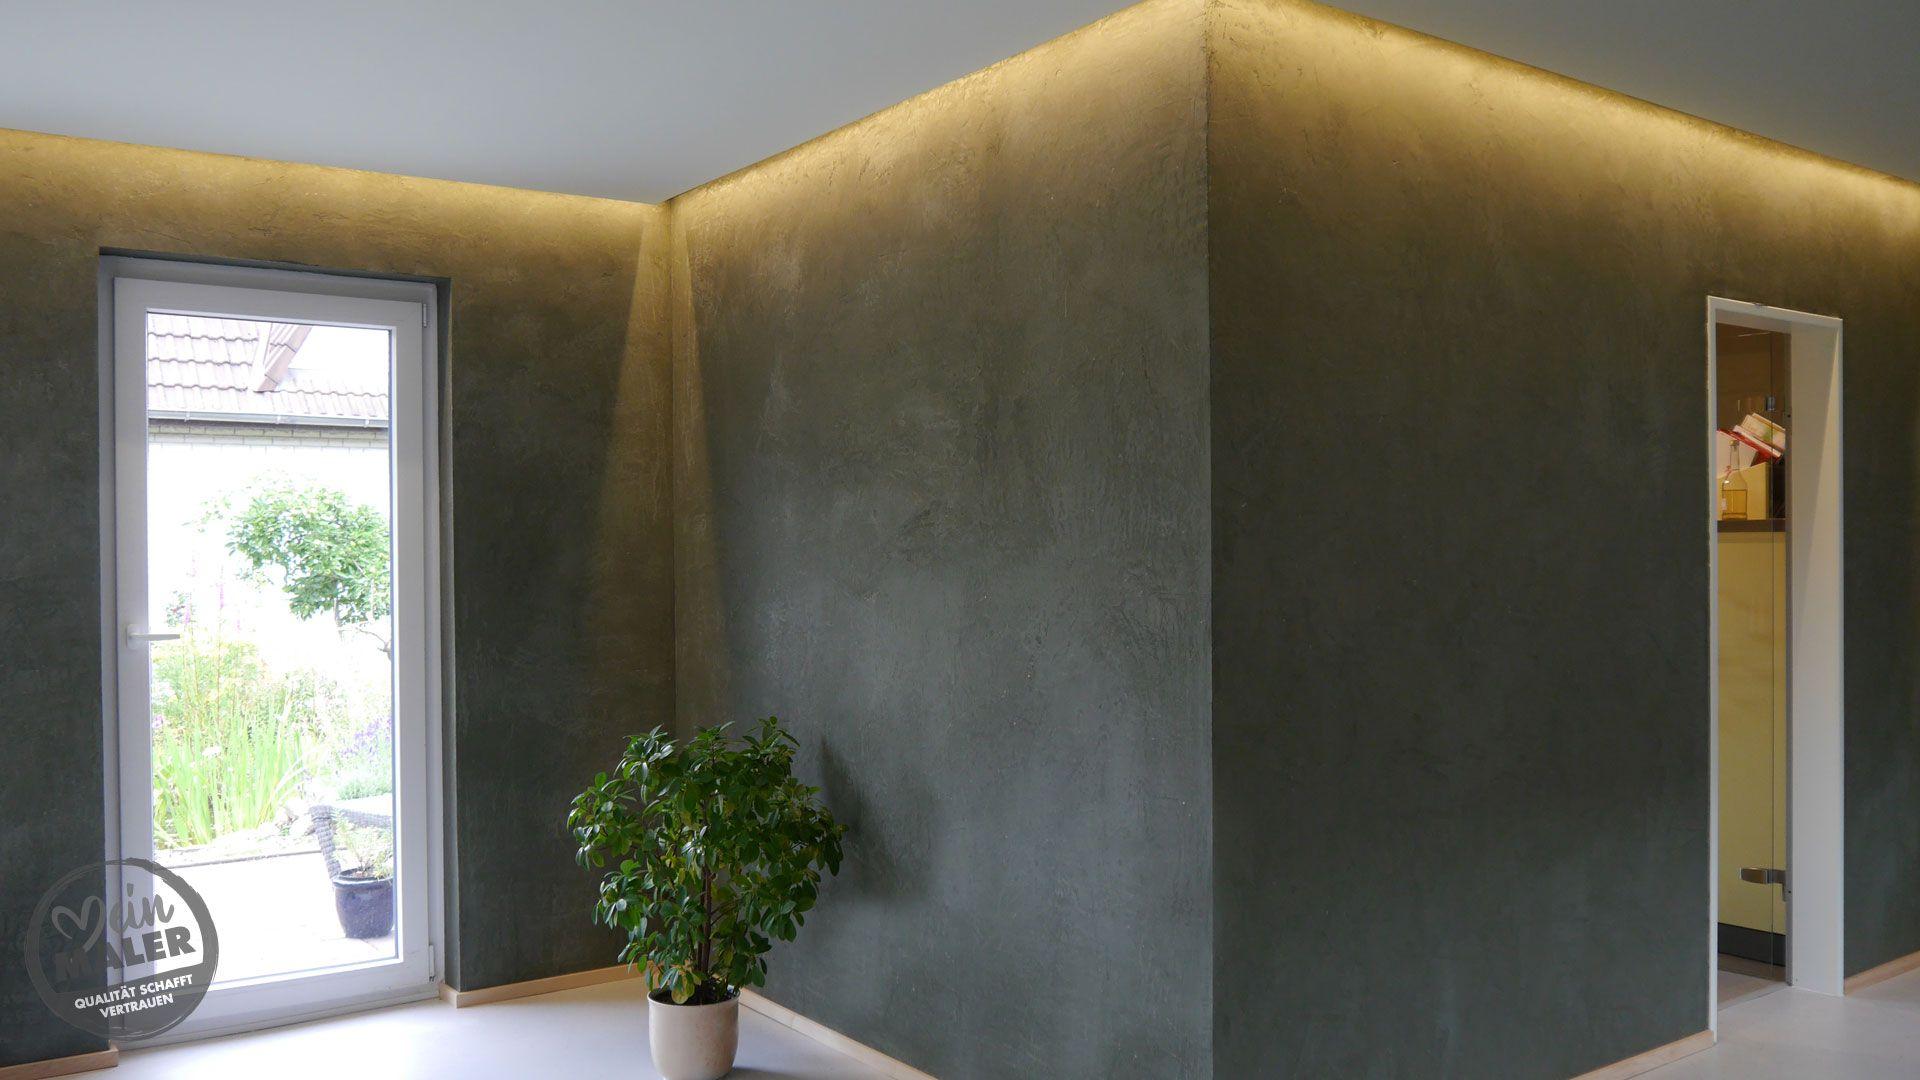 Wohnzimmergestaltung Mit Dunklem Volimea Kalkputz In